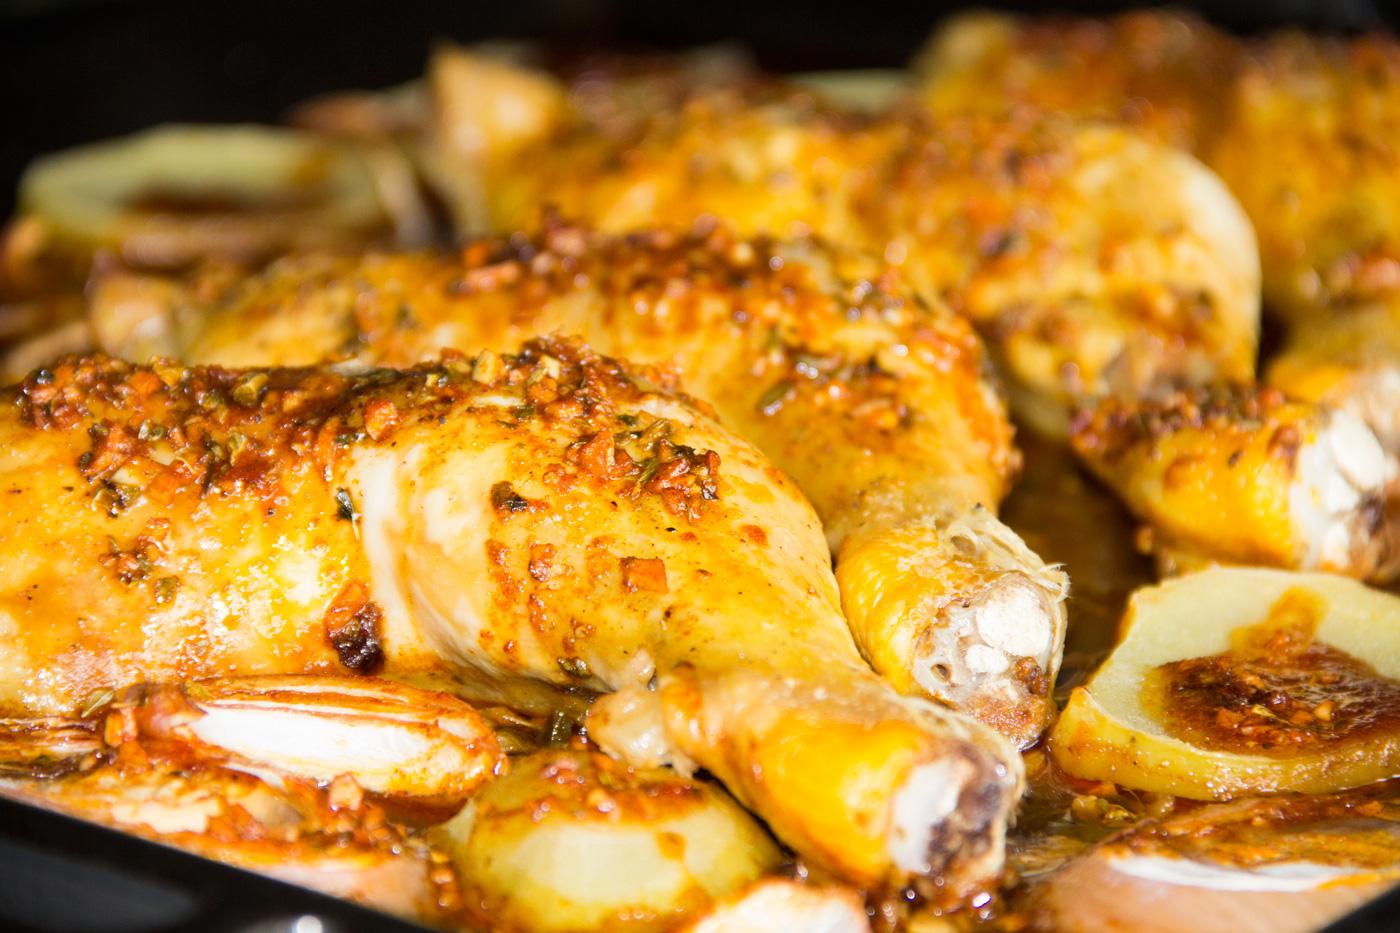 Muslos de pollo con salsa piri piri comando cocina for Muslos pollo en salsa